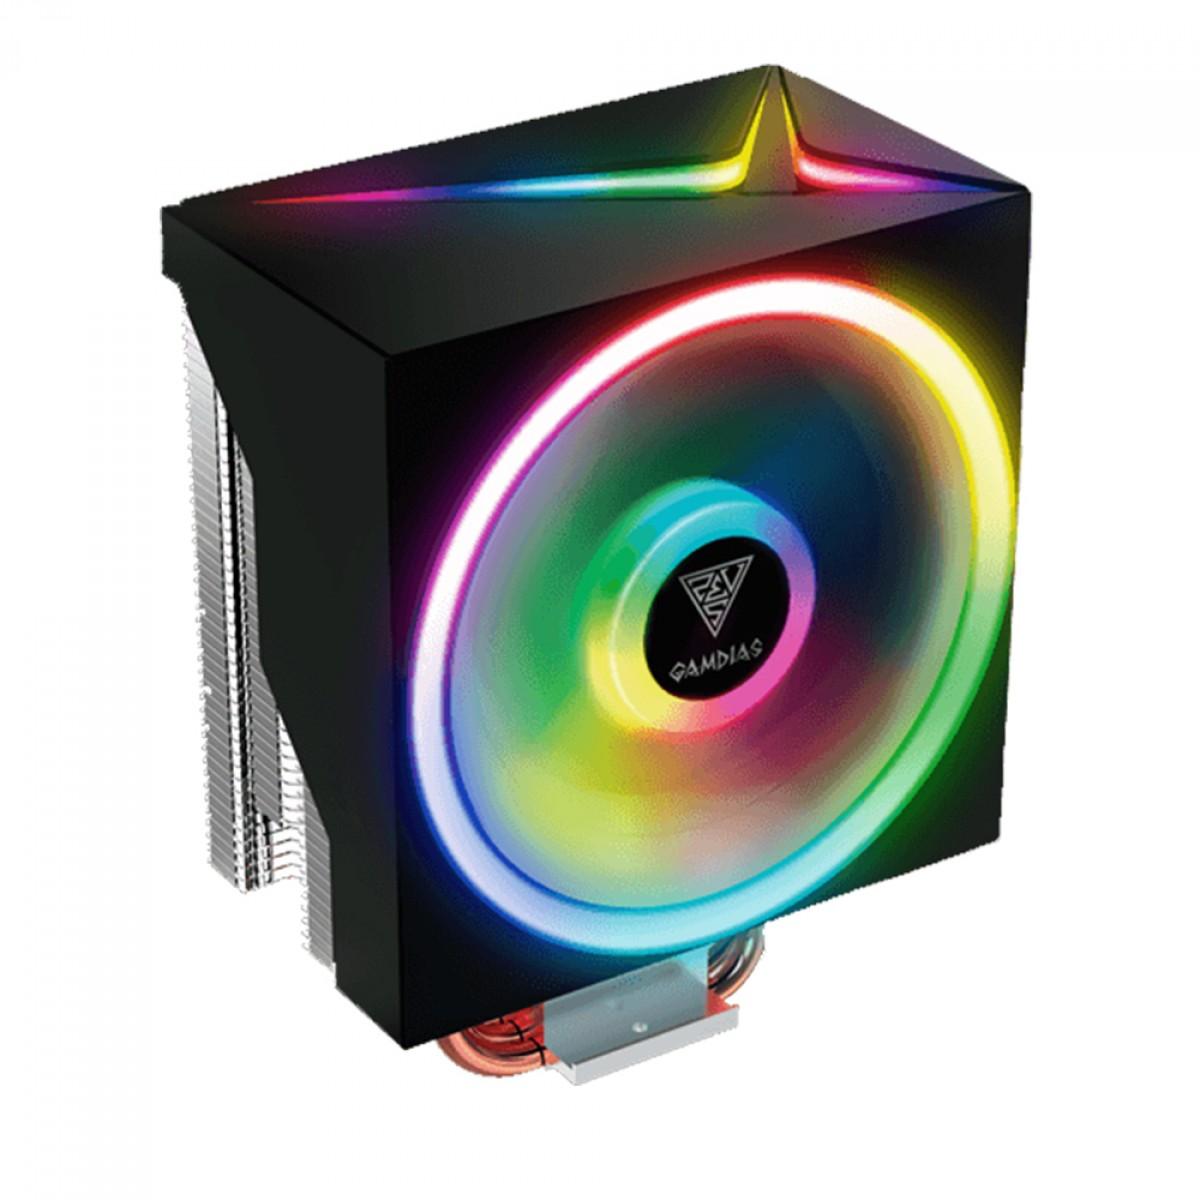 Cooler Processador Gamdias Boreas M1-610, RGB, 120mm, Intel-AMD, BOREAS M1-610